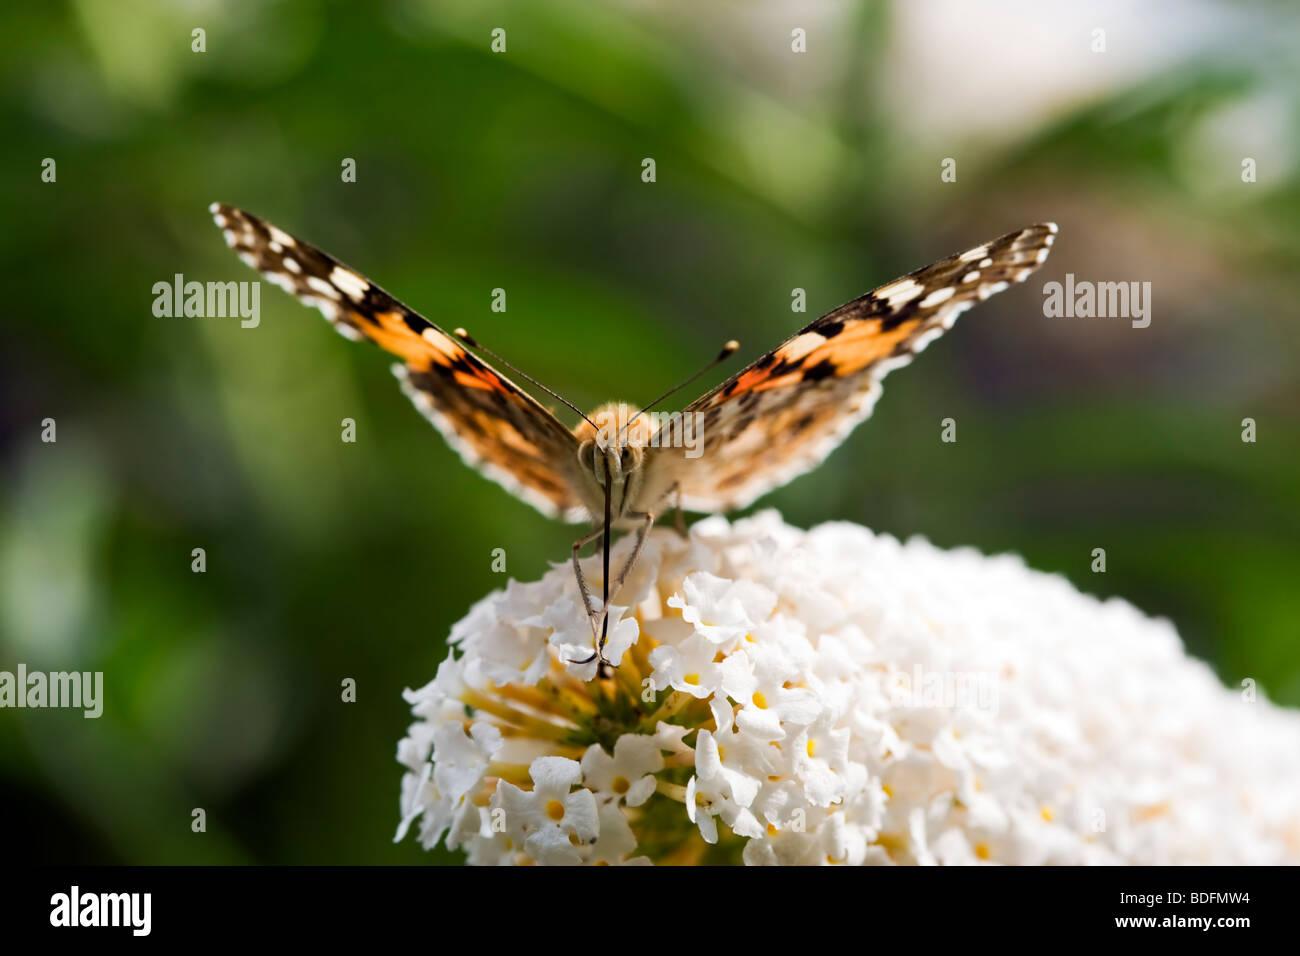 Pianted Lady butterfly succionar el néctar de la flor de cerca, vista frontal Foto de stock